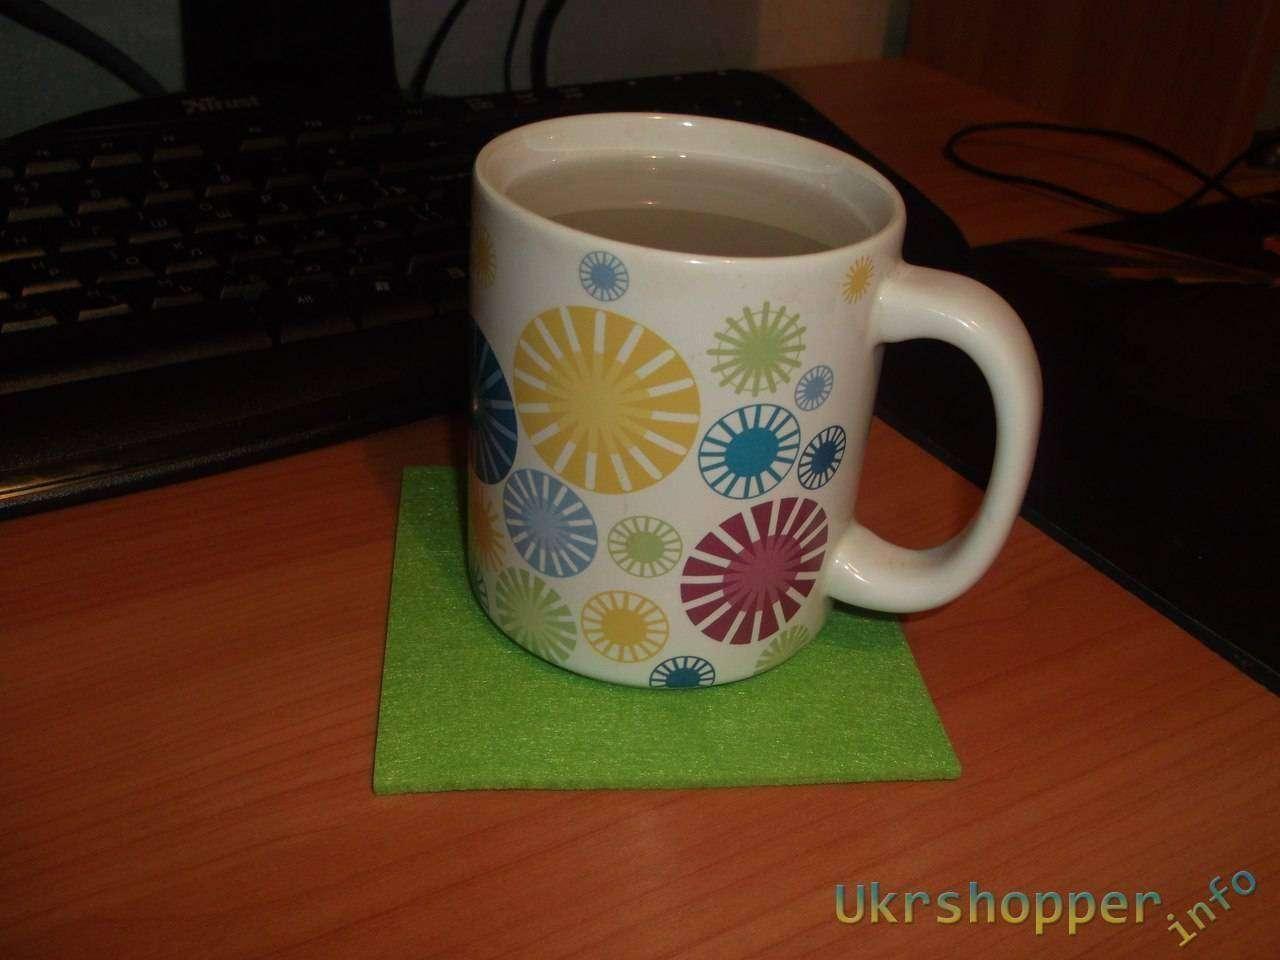 TinyDeal: Подставки под чашки, тарелки, заварочные чайники ну и под всё остальное горячее.